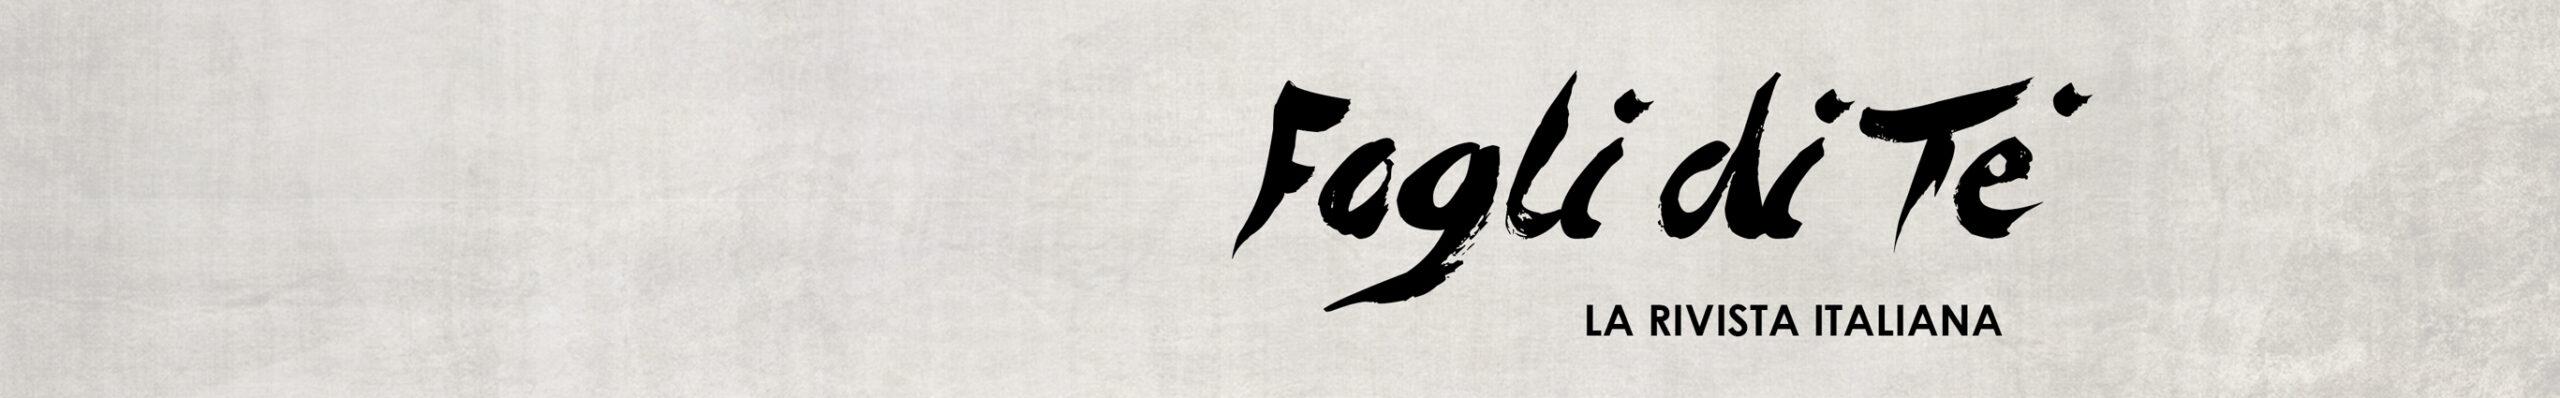 header_FOGLIDITE_banner